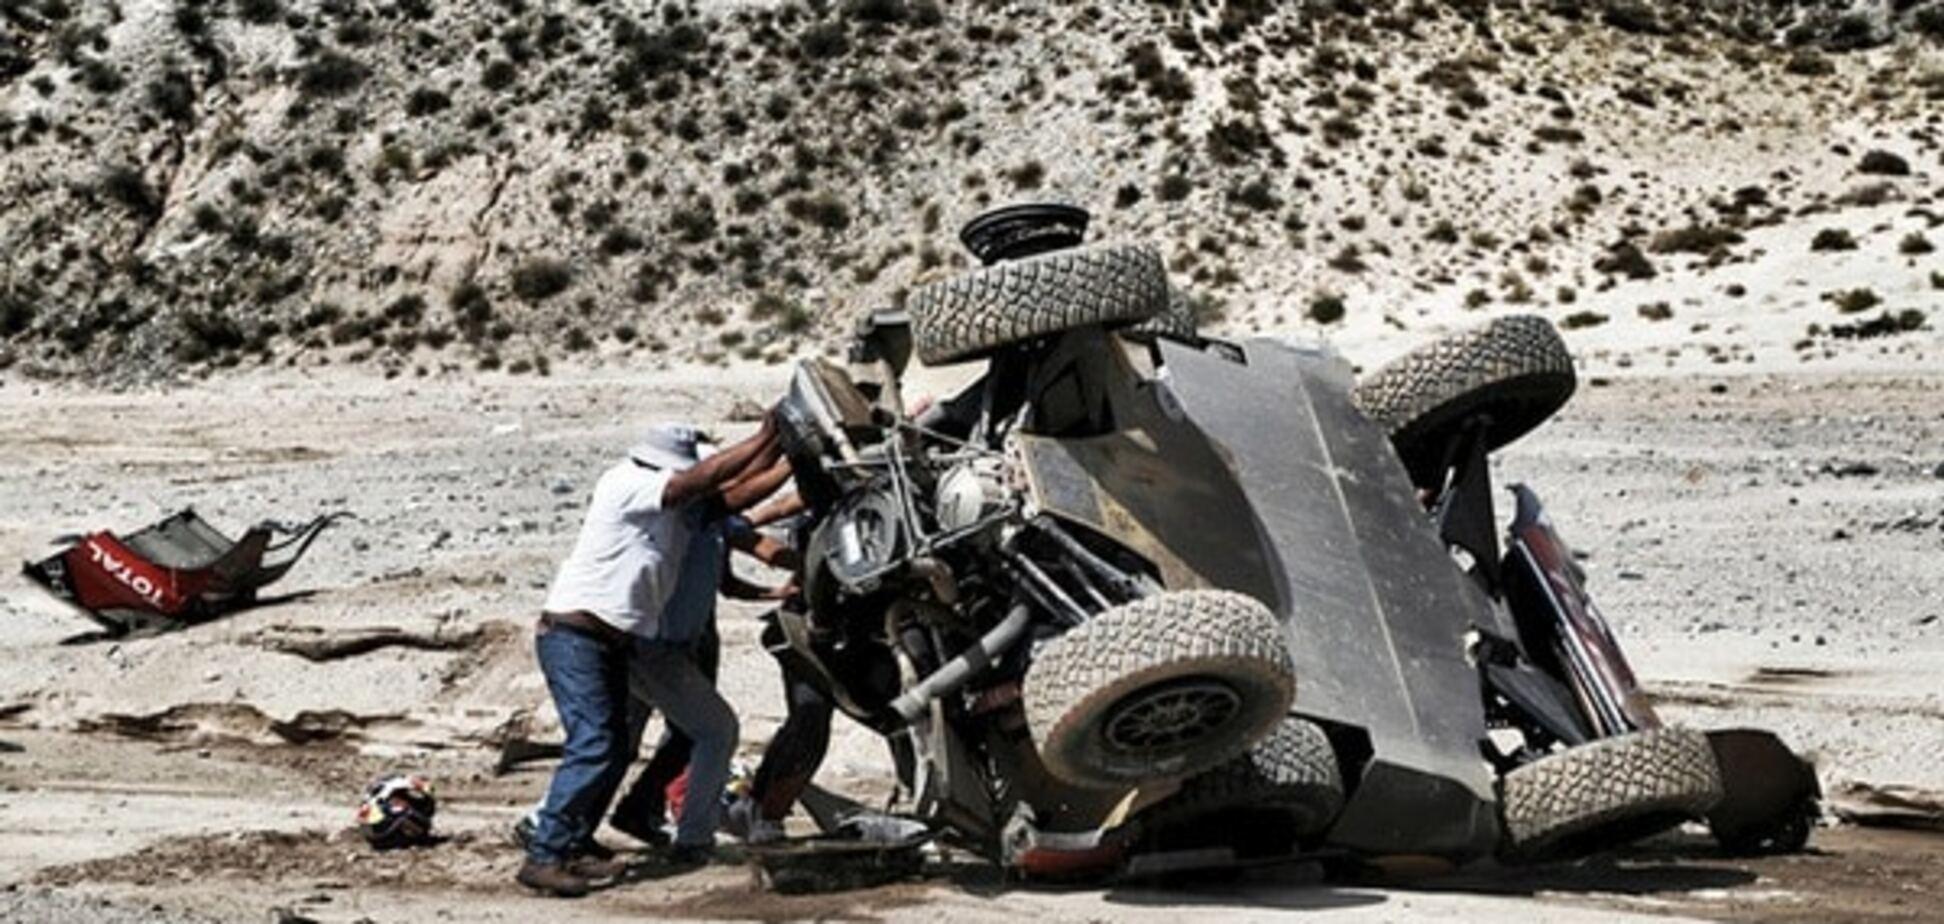 Аварія дня. Легендарний гонщик потрапив у серйозну аварію на Дакарі: ефектні фото